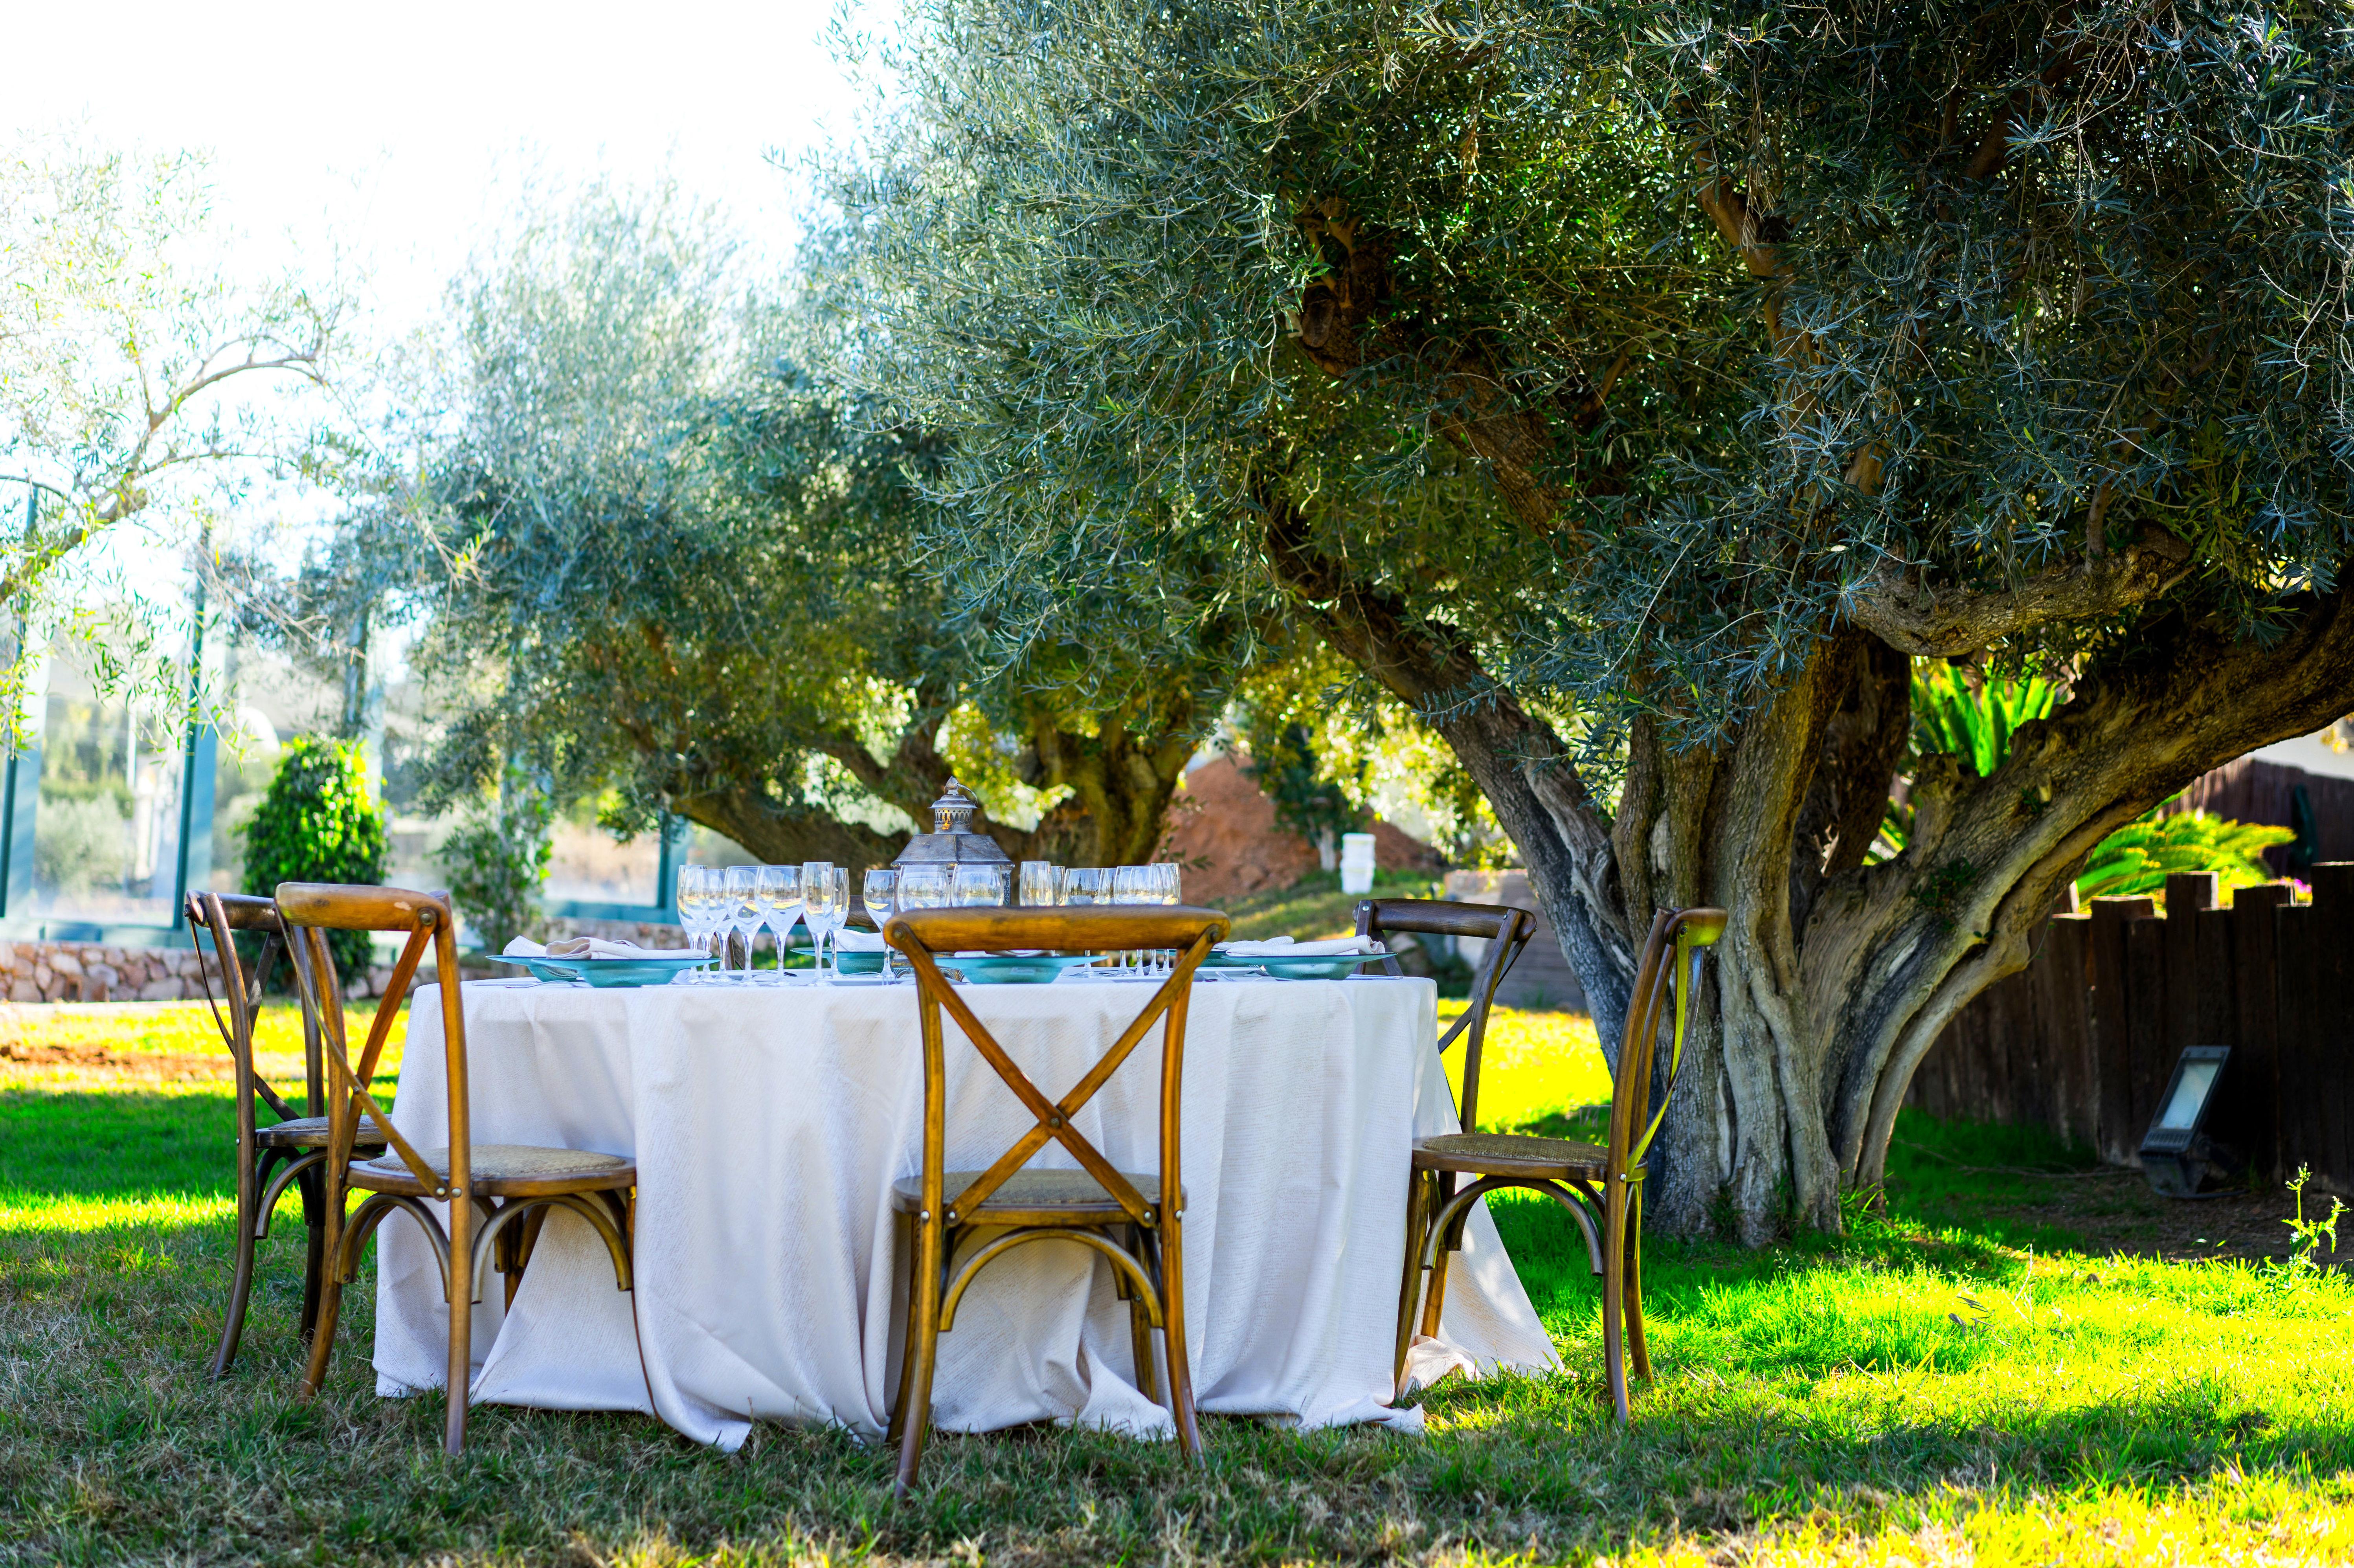 Foto 20 de Alquiler de sillas, mesas y menaje en El Palmar | Mantelería & Menaje